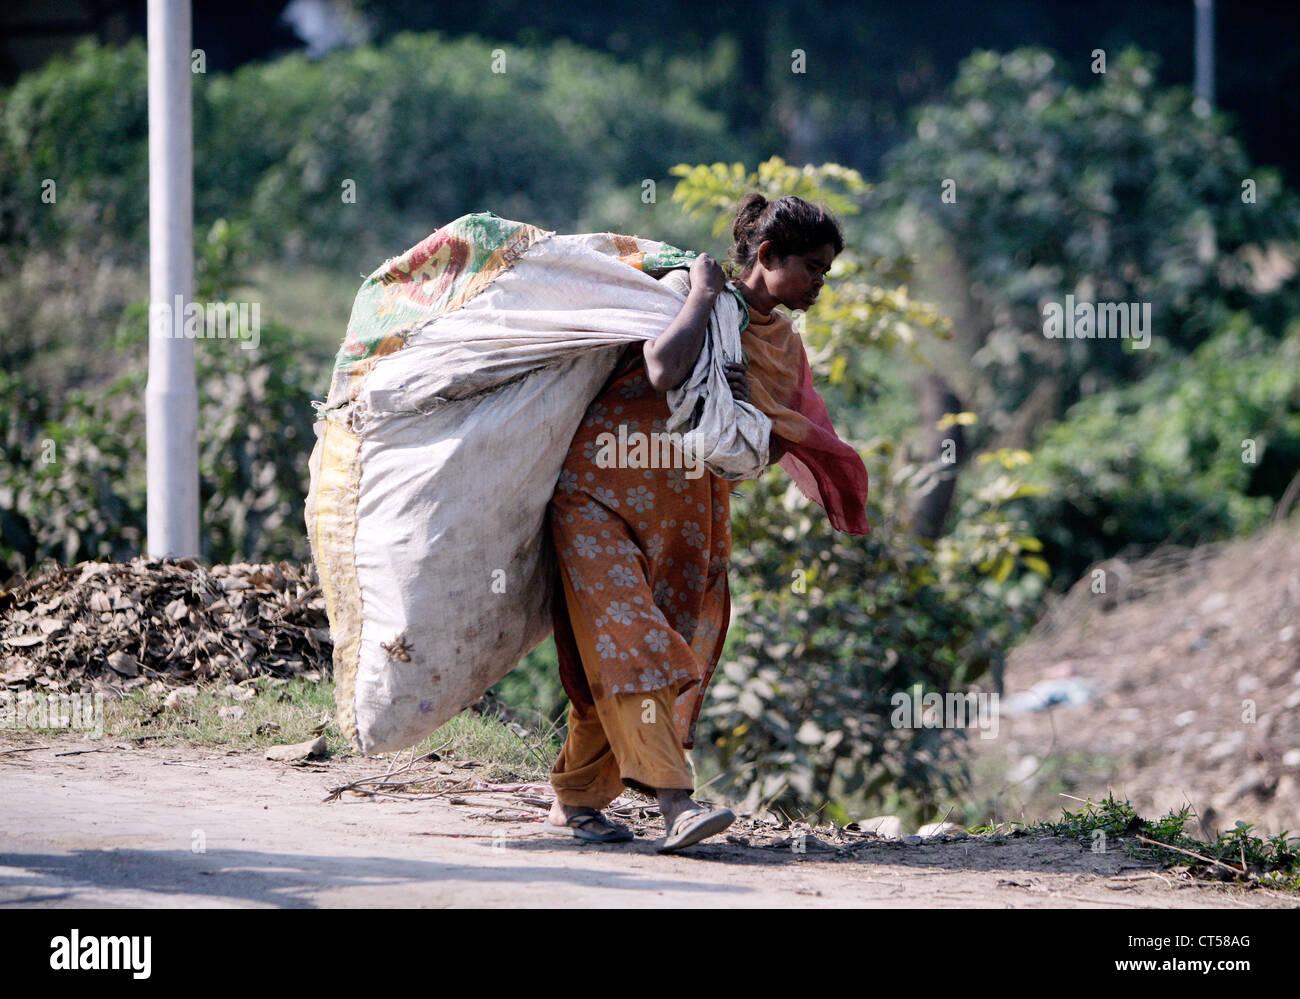 Femme avec un sac de déchets en plastique dans les rues de Lucknow, Uttar Predesh, Inde Photo Stock